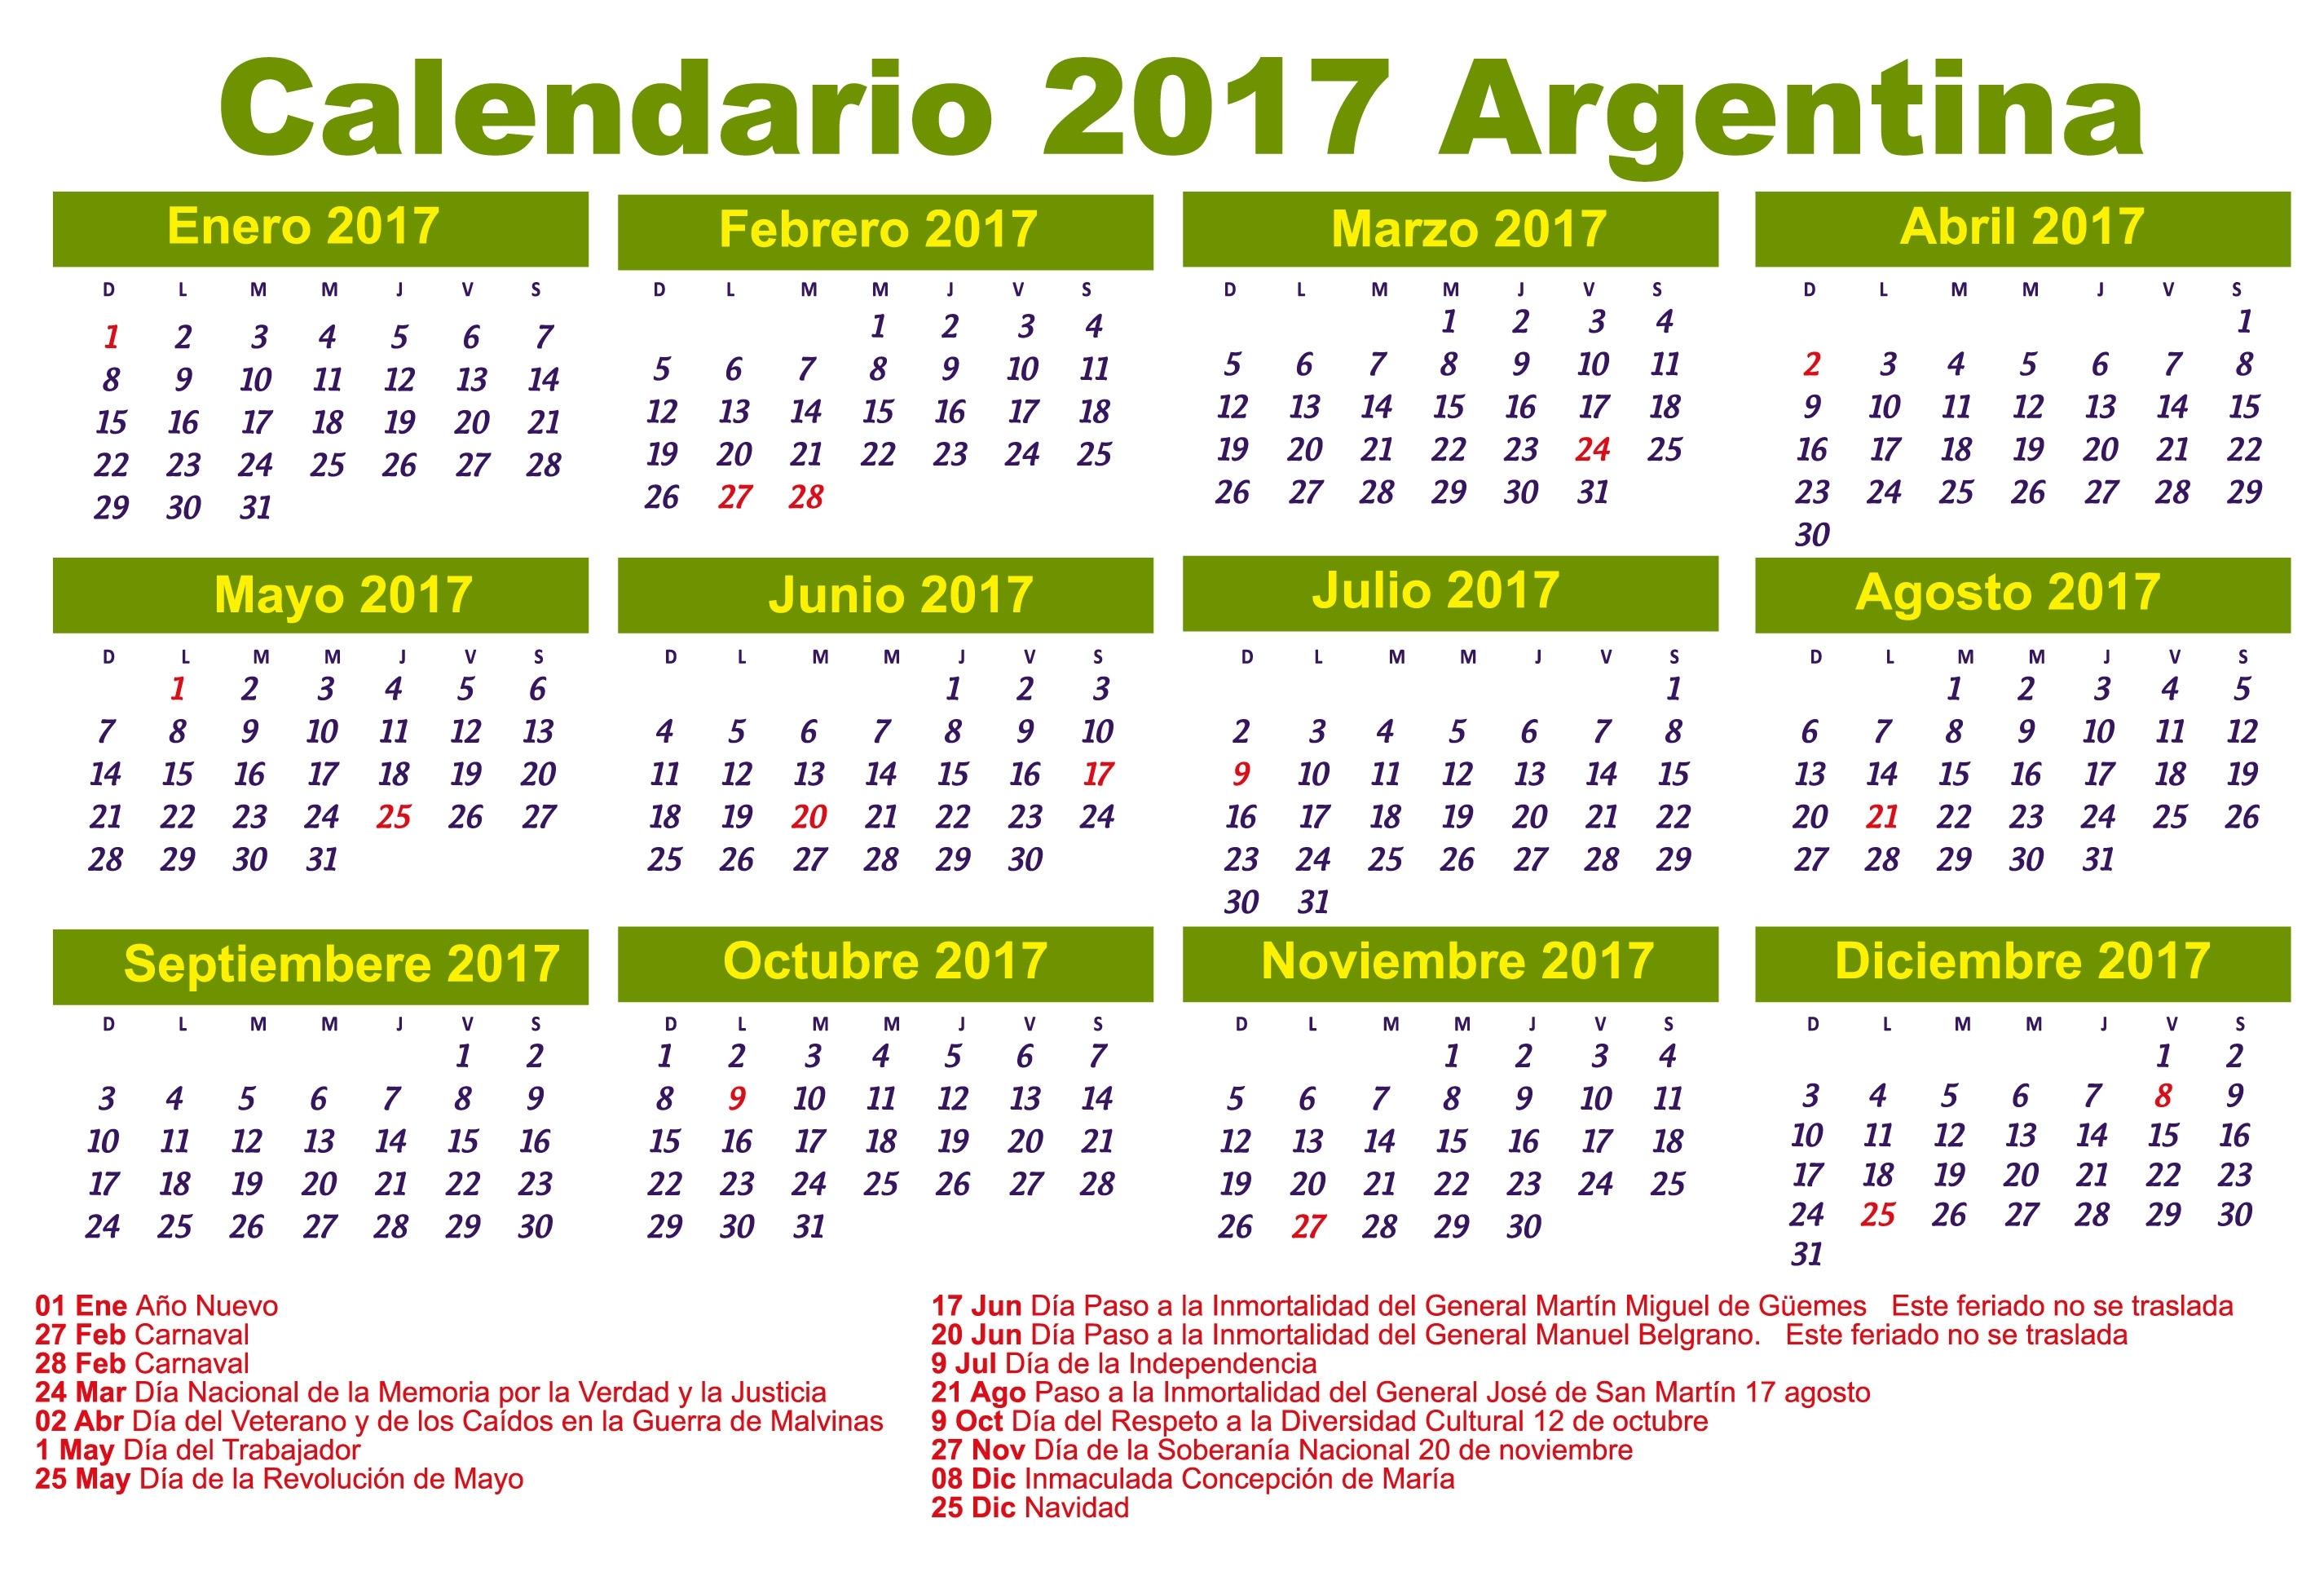 Calendario 2017 | Download 2019 Calendar Printable With Holidays List throughout Calendarios 17 Feriados En Chile